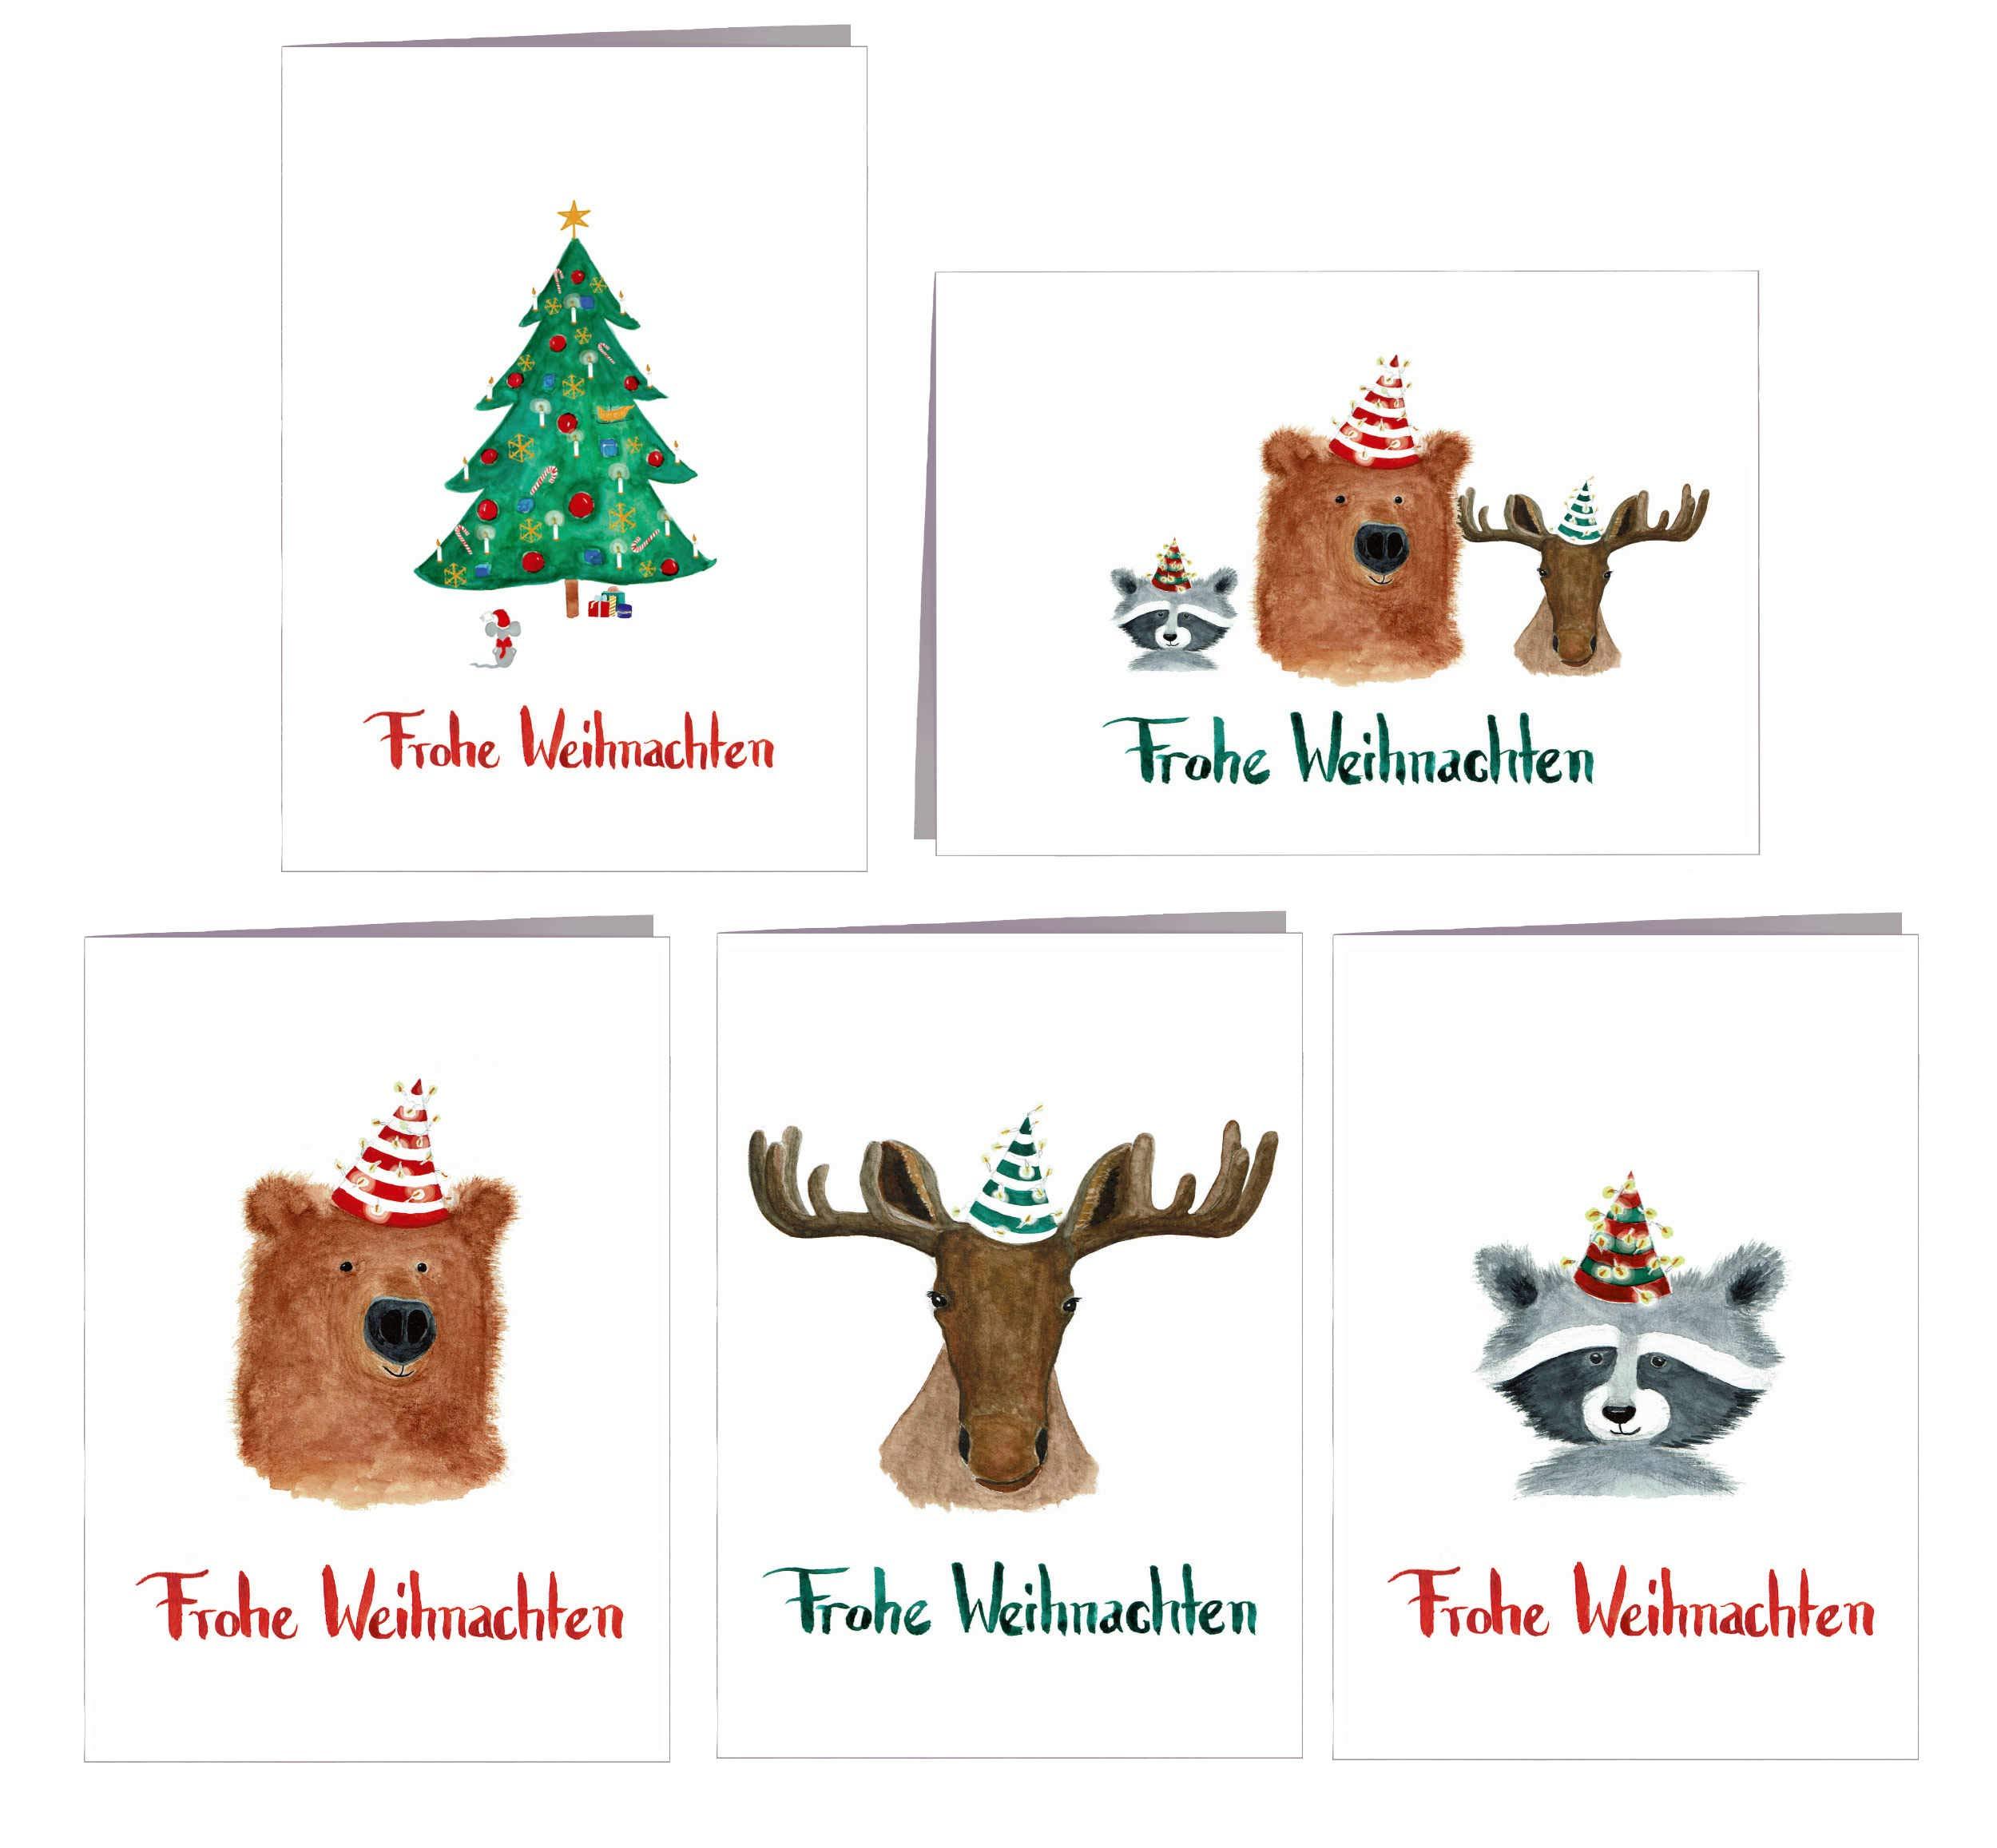 Weihnachtskarten Tiere.Weihnachtskarten Set Frohe Weihnachten 5er Tiere Grusskartenkaufen De